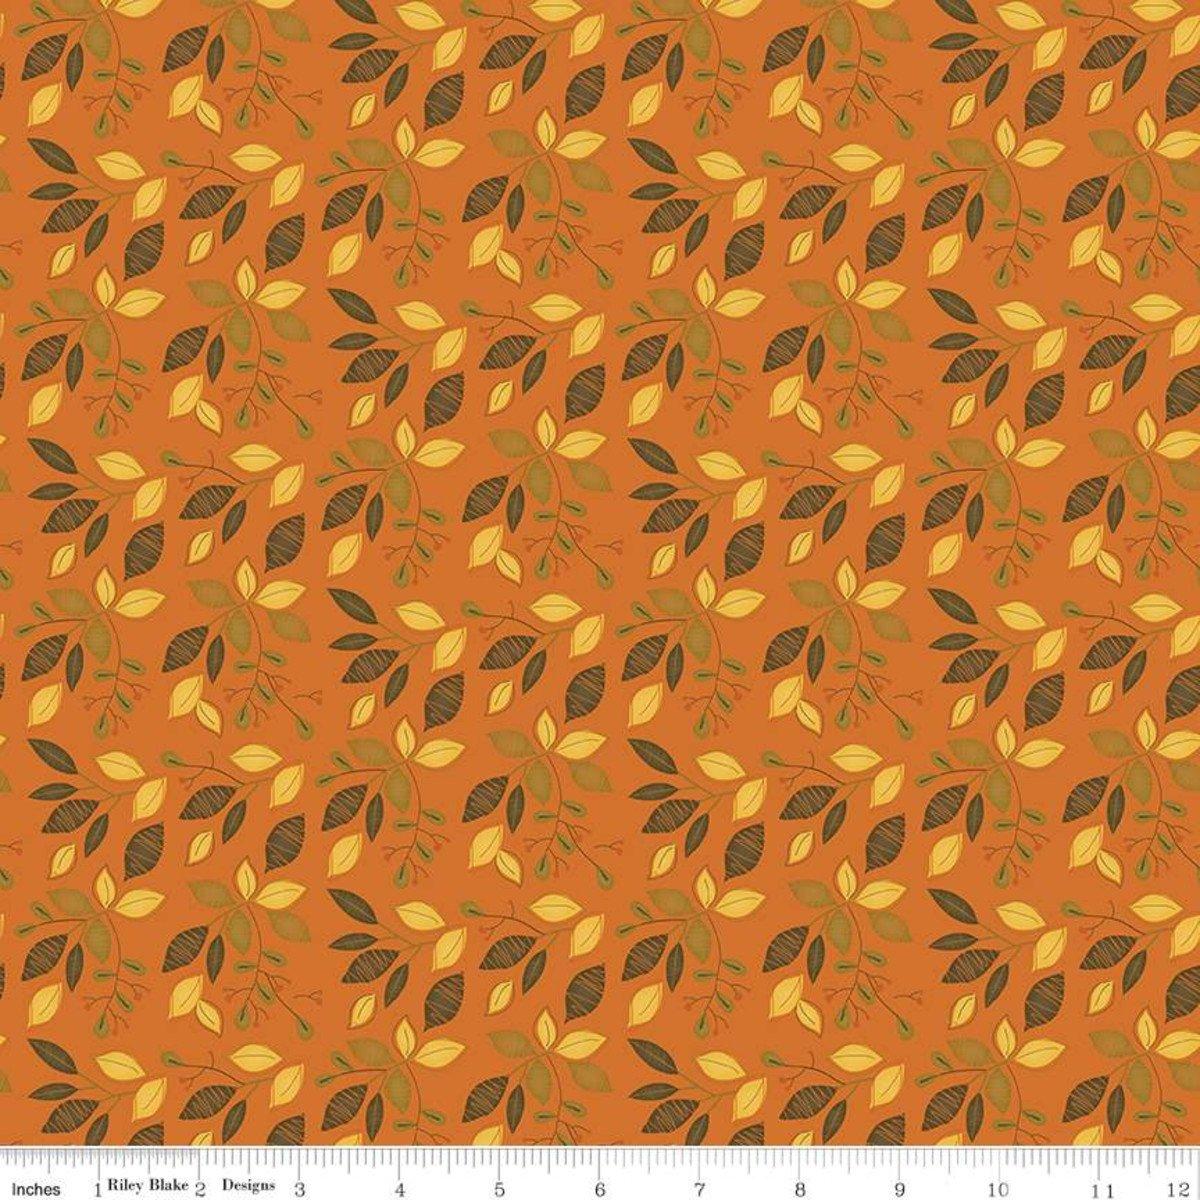 Adel in Autumn - Leaves - Orange